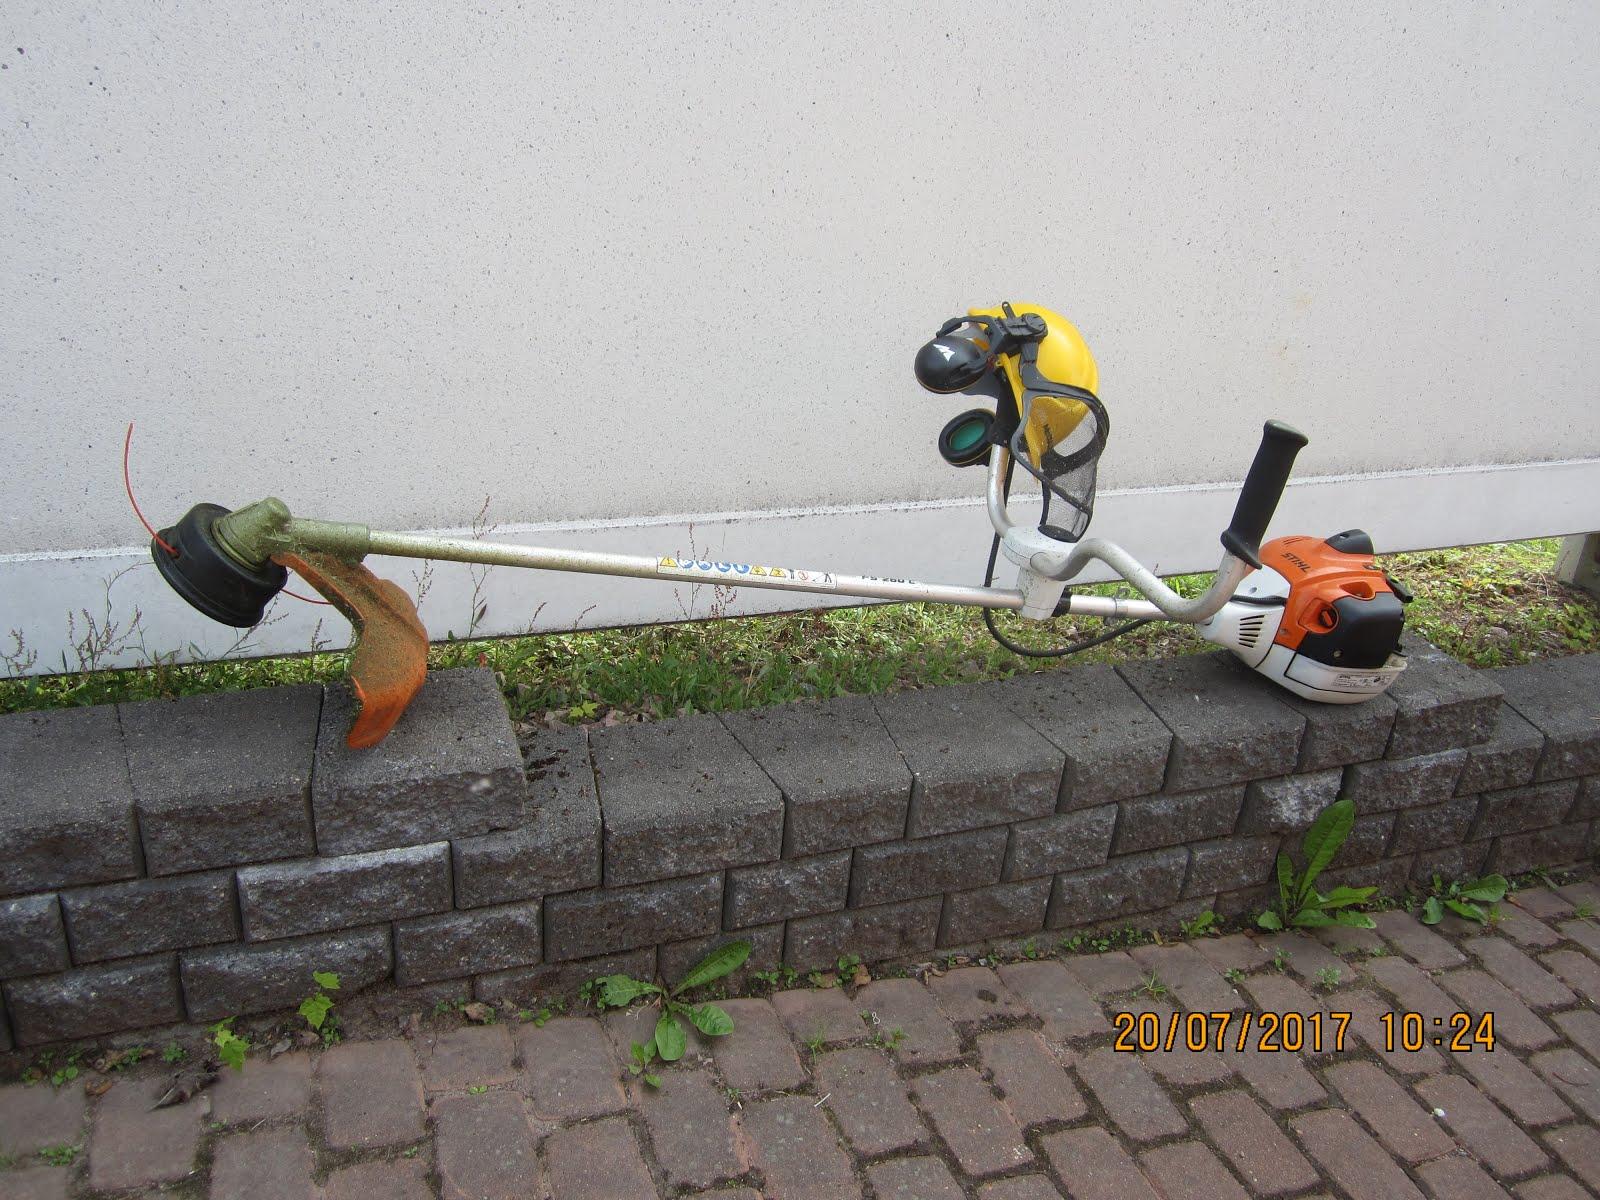 Pihatyöt puutarhatyöt raivaussaha moottorisaha ruohonleikkuri Yhteys Talonmiespalvelu@gmail.com